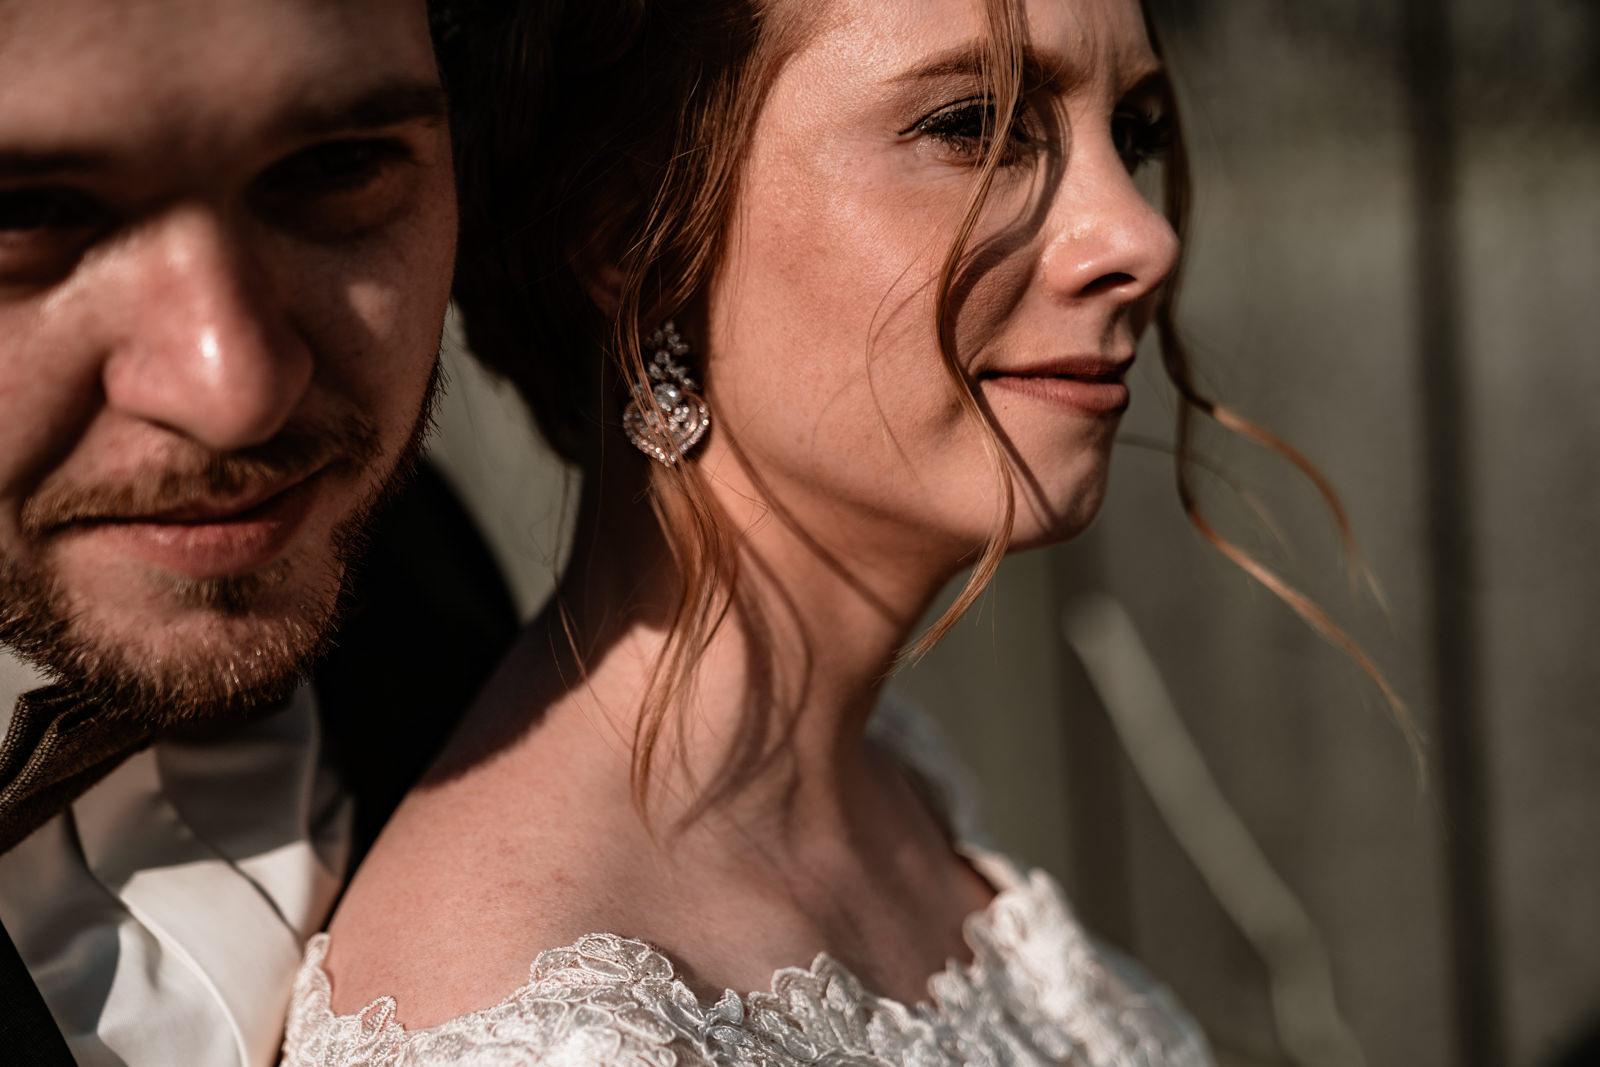 Hochzeit im Gwaechshaus in Nuernberg. Begleitet als Hochzeitsreportage durch Hochzeitsfotograf Axel Link aus Wuerzburg. Hochzeitsbilder im Gewaechshaus.